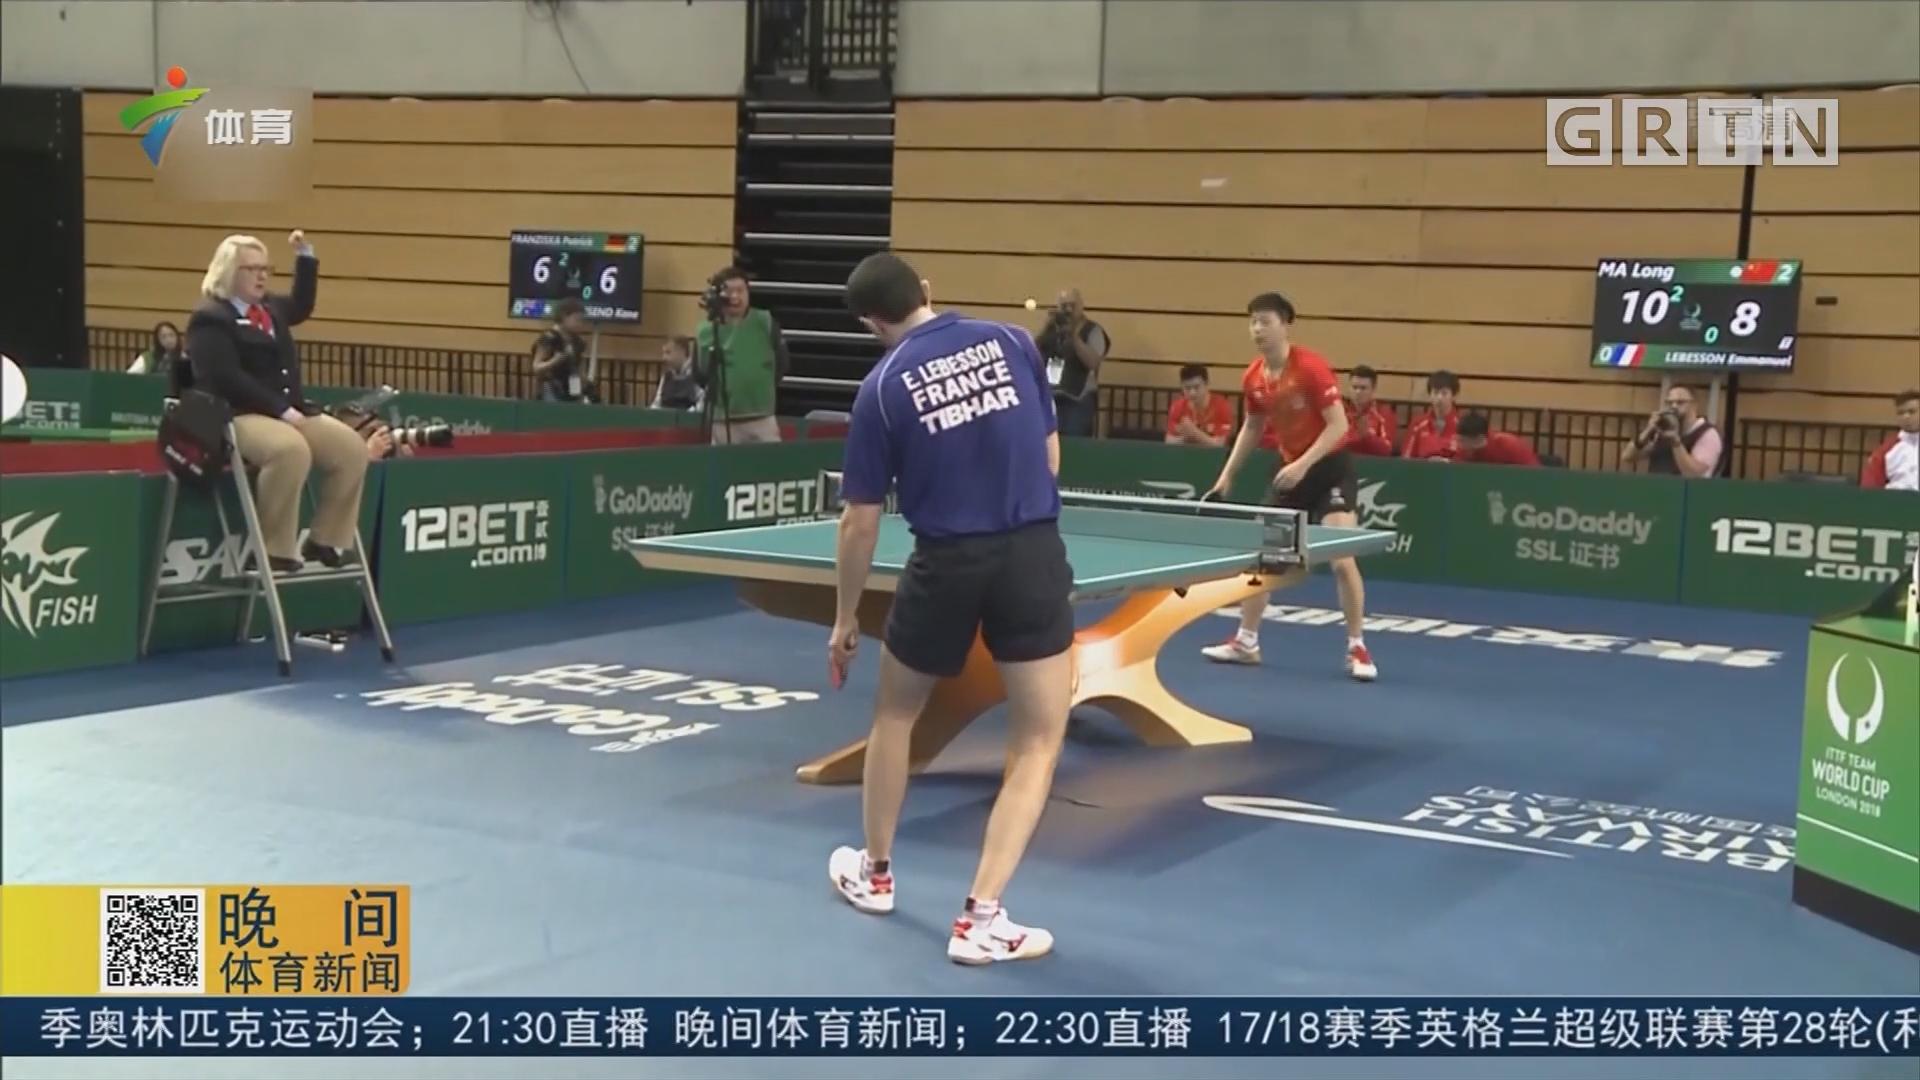 团体世界杯首日 国乒完胜打出开门红